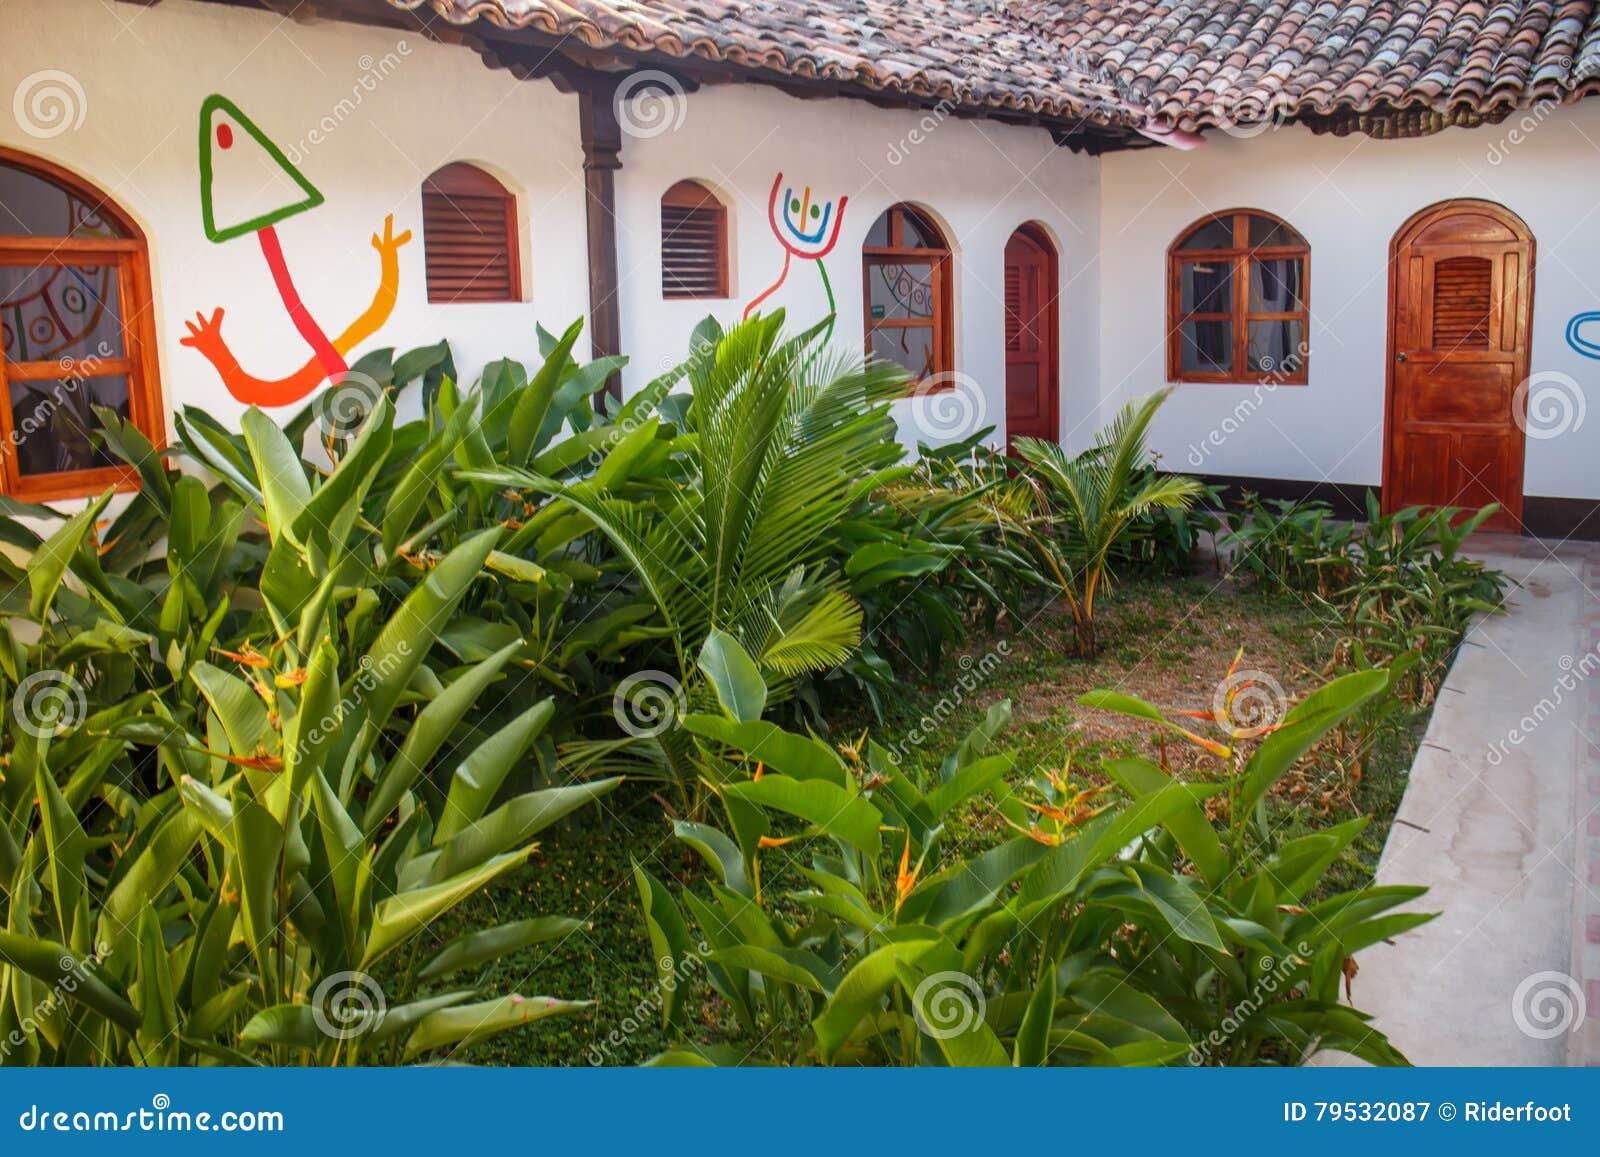 Amazing download giardino interno dalla casa coloniale - Giardino interno casa ...